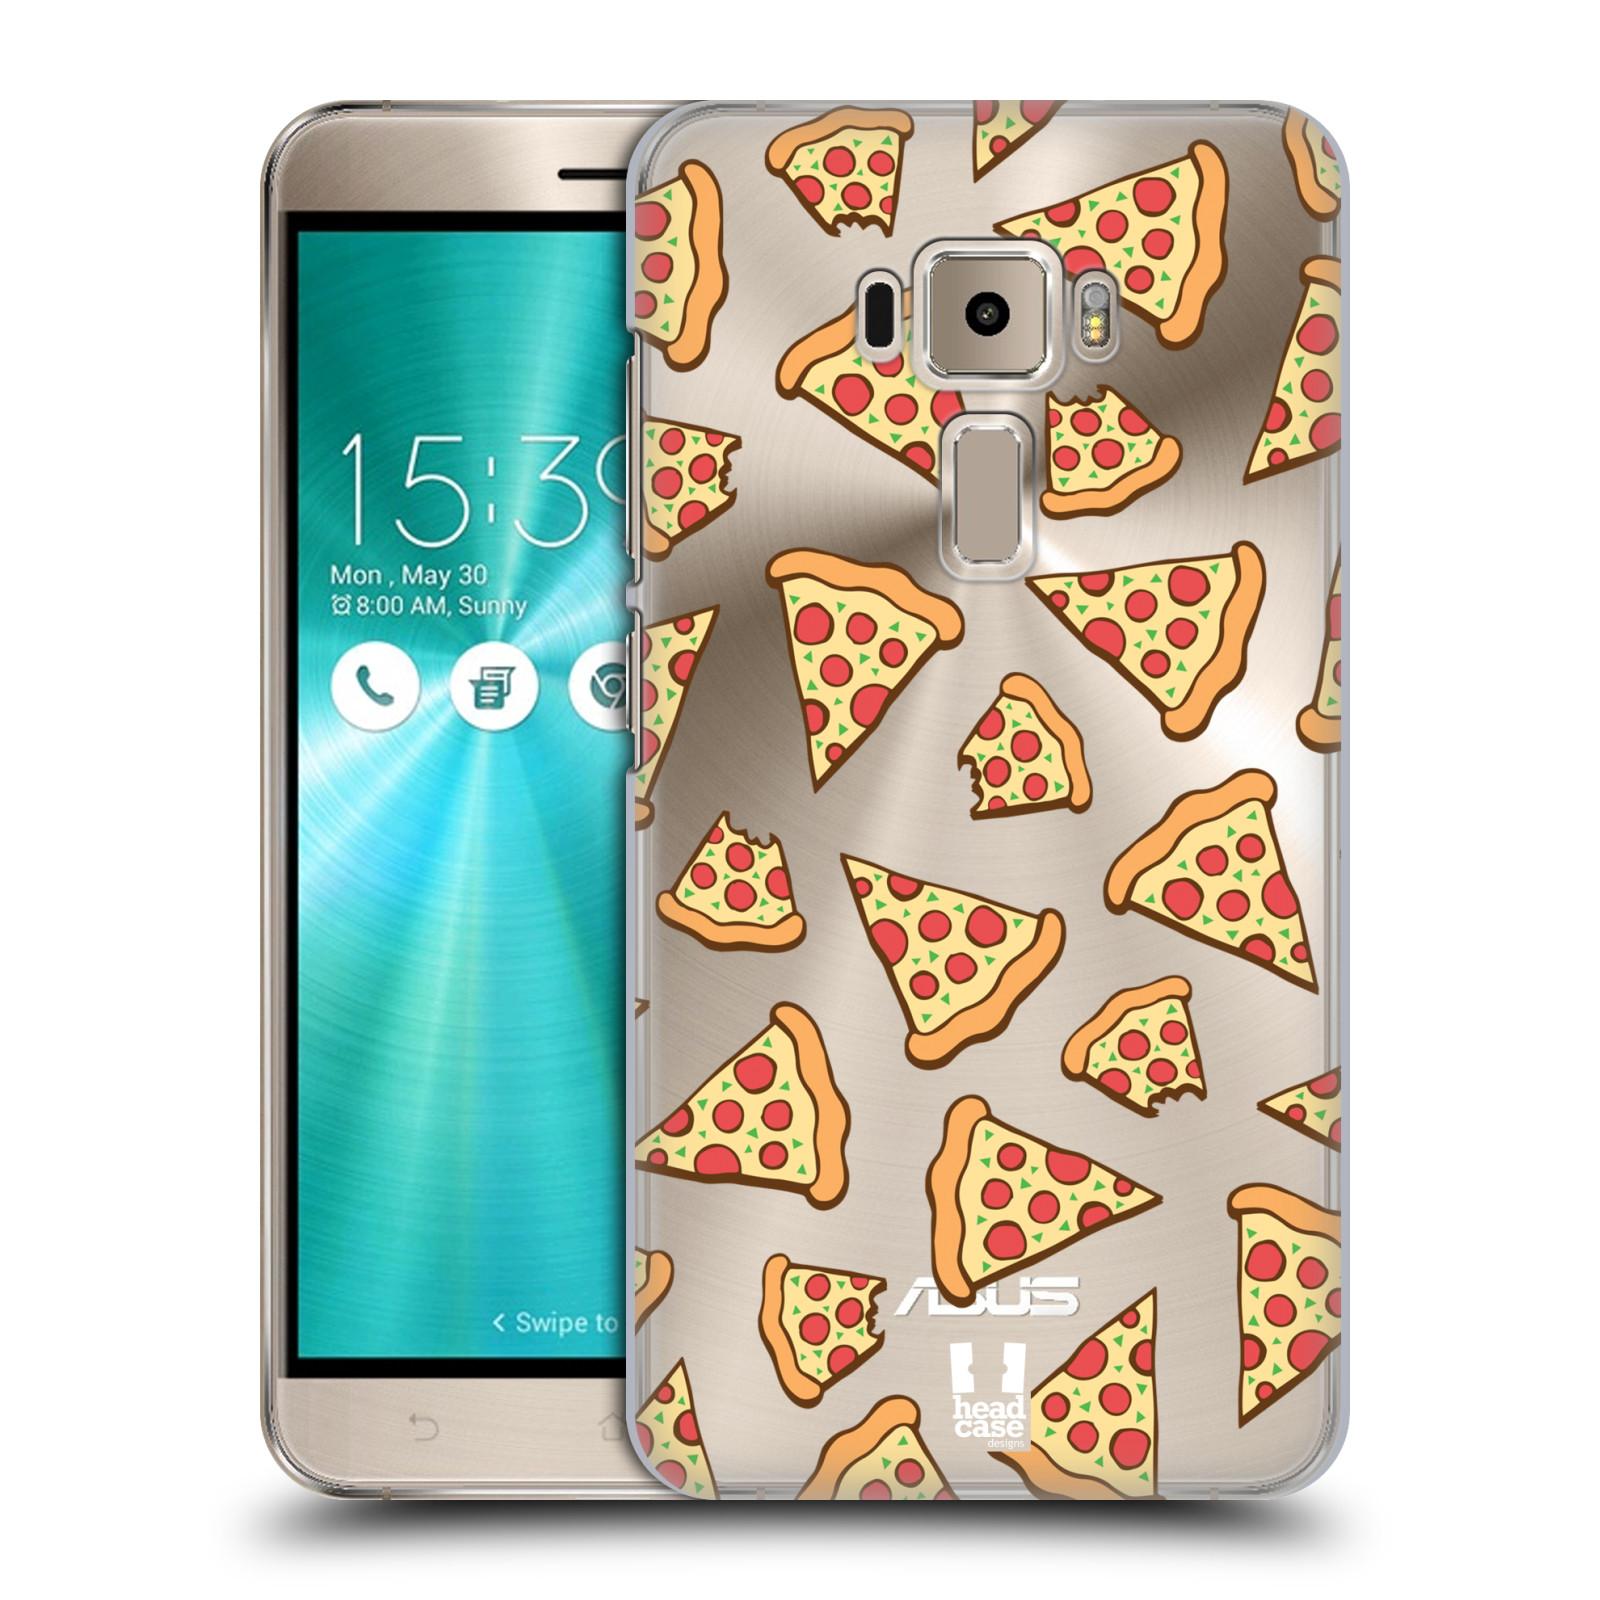 Plastové pouzdro na mobil Asus ZenFone 3 ZE520KL - Head Case - Pizza (Plastový kryt či obal na mobilní telefon s motivem Pizza pro Asus Zenfone 3 s označením ZE520KL)